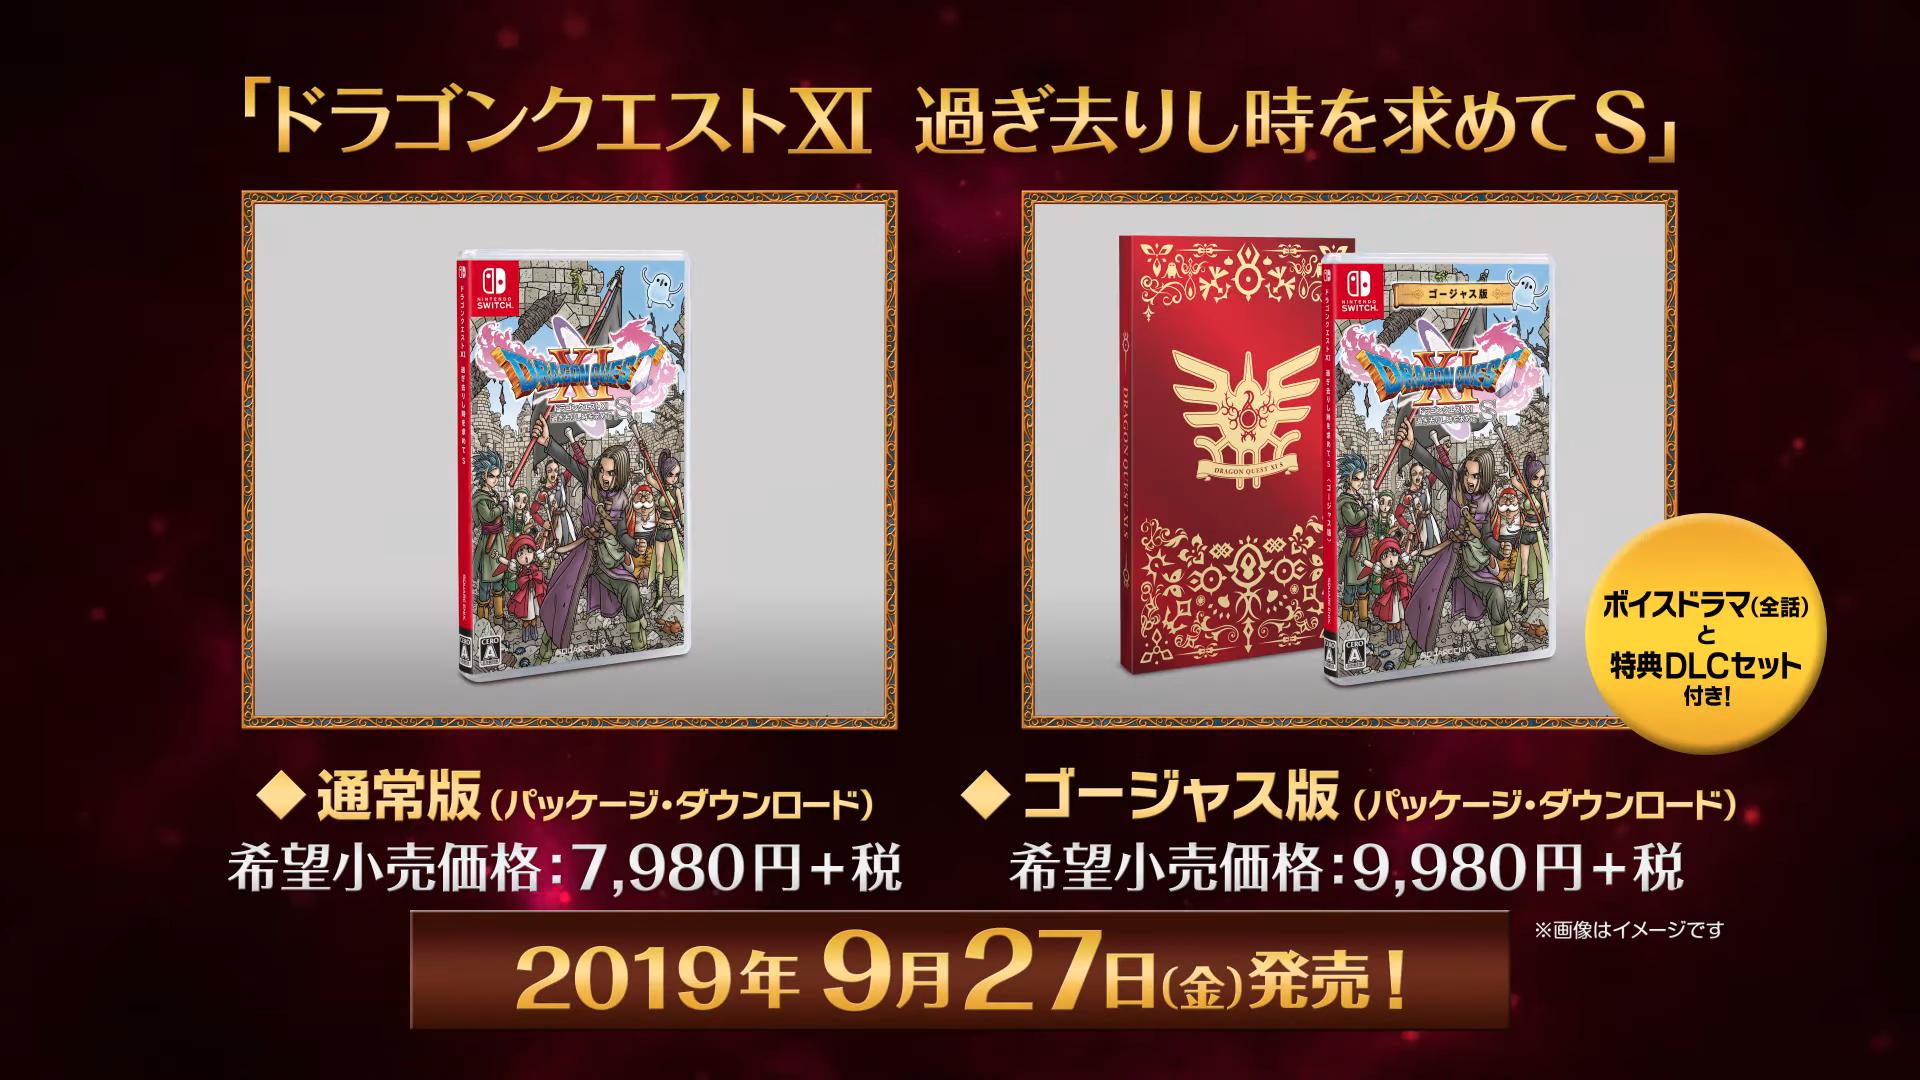 『Nintendo Switch ドラゴンクエストXI S』ゴージャス版